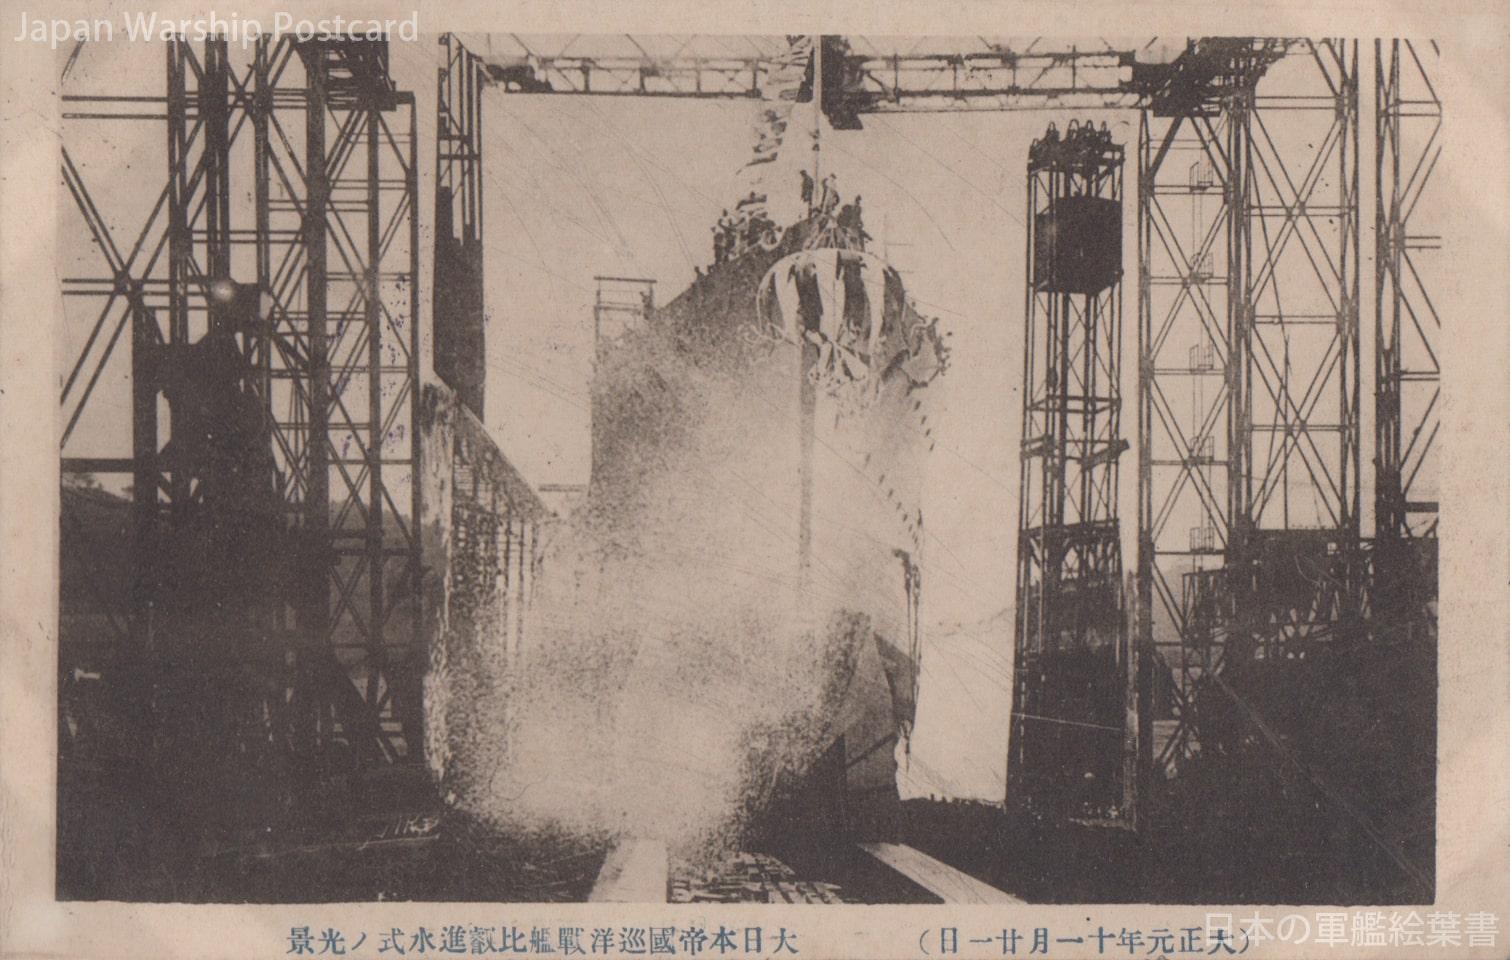 大日本帝国巡洋戦艦比叡進水式の光景